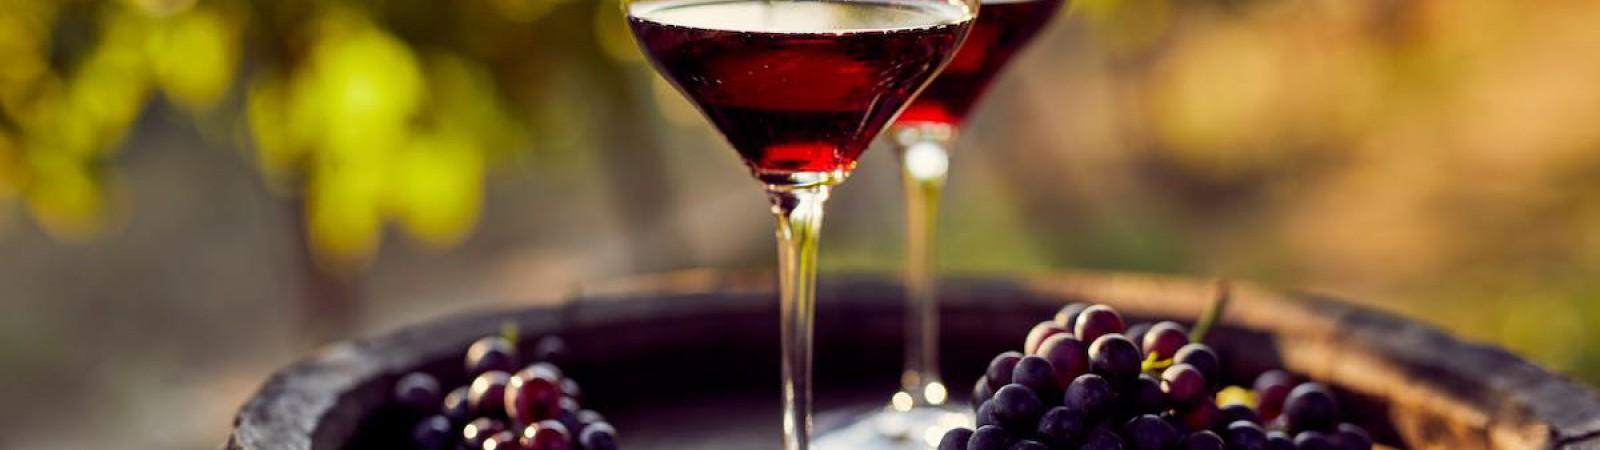 Corso Online Certificato di Vino e Degustazione